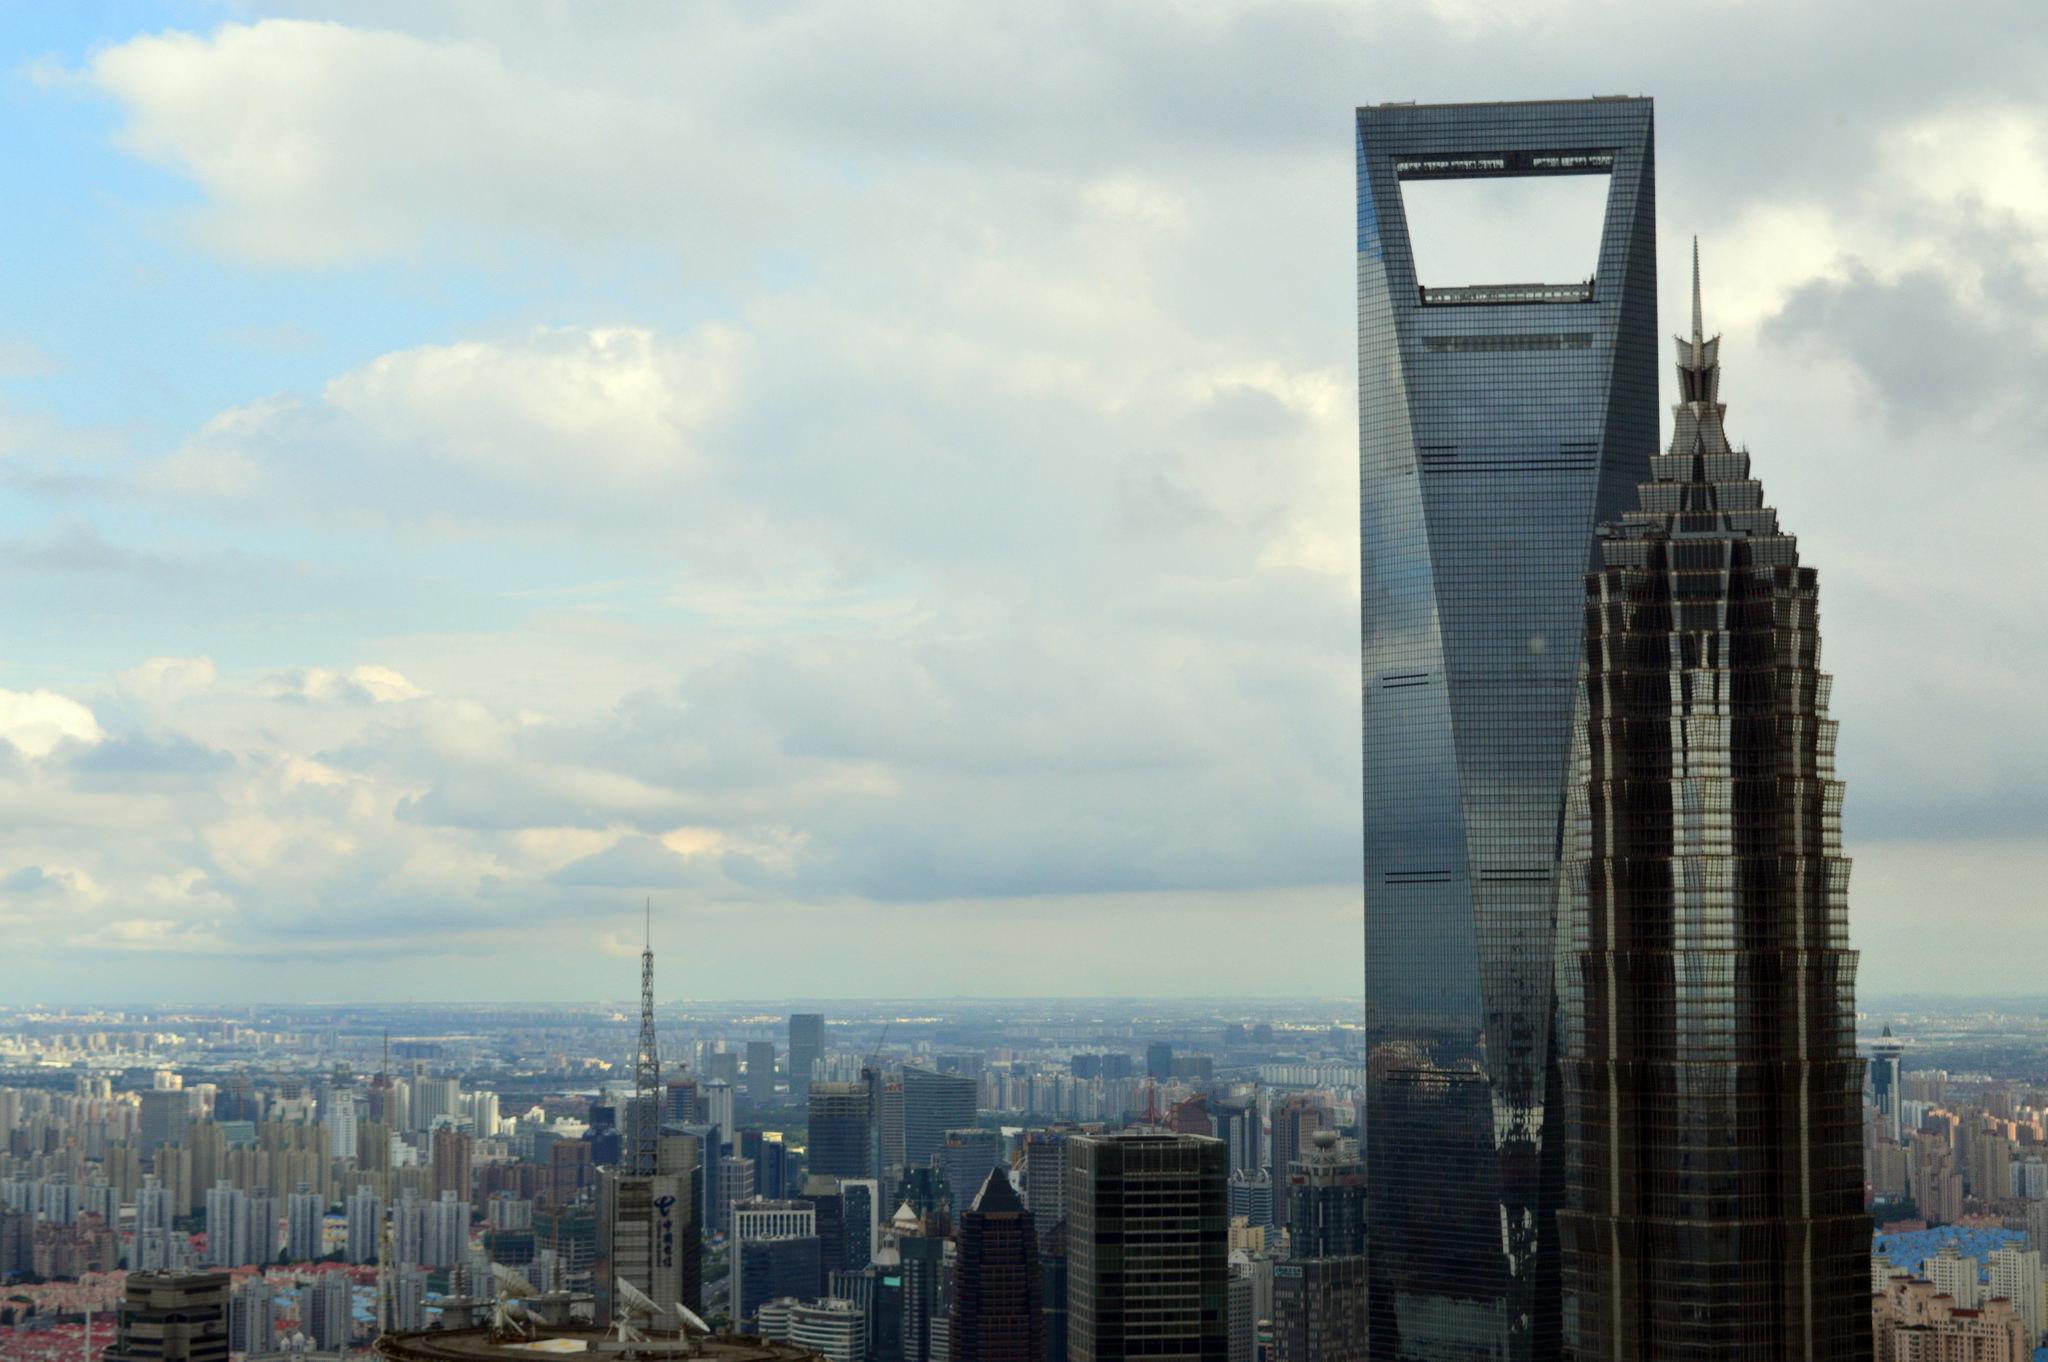 برج مركز شانغهاي المالي